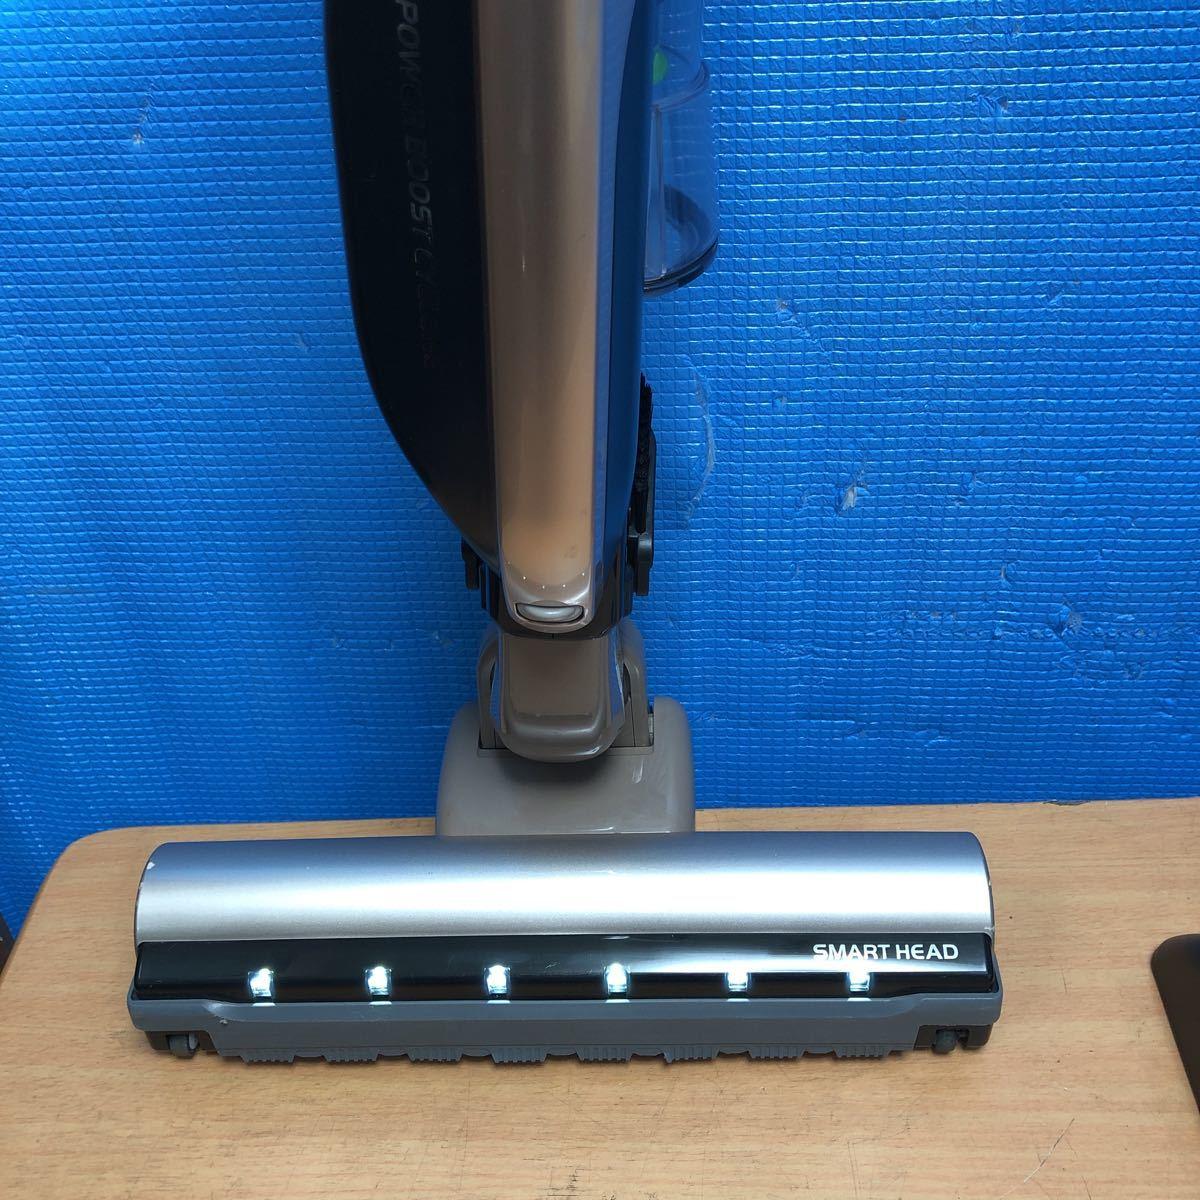 HITACHI パワーブースト サイクロン式コードレスクリーナー PV-BD700 16年製 店舗展示サンプル用実演機_画像2